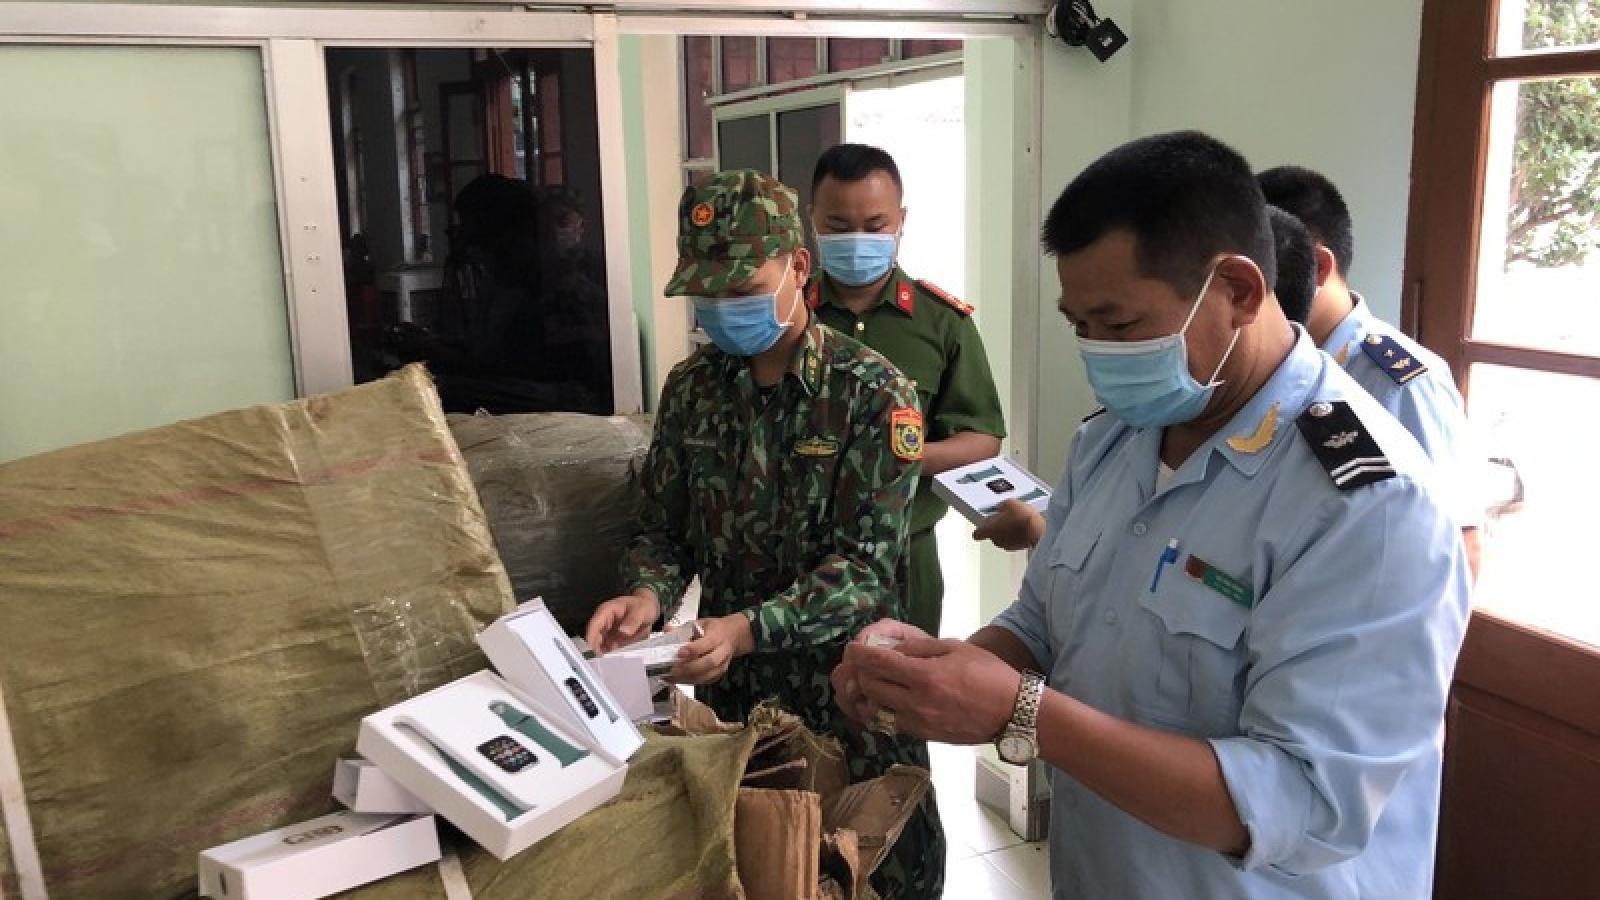 Lạng Sơn phát hiện 5 vụ vận chuyển hàng hóa trái phép qua biên giới